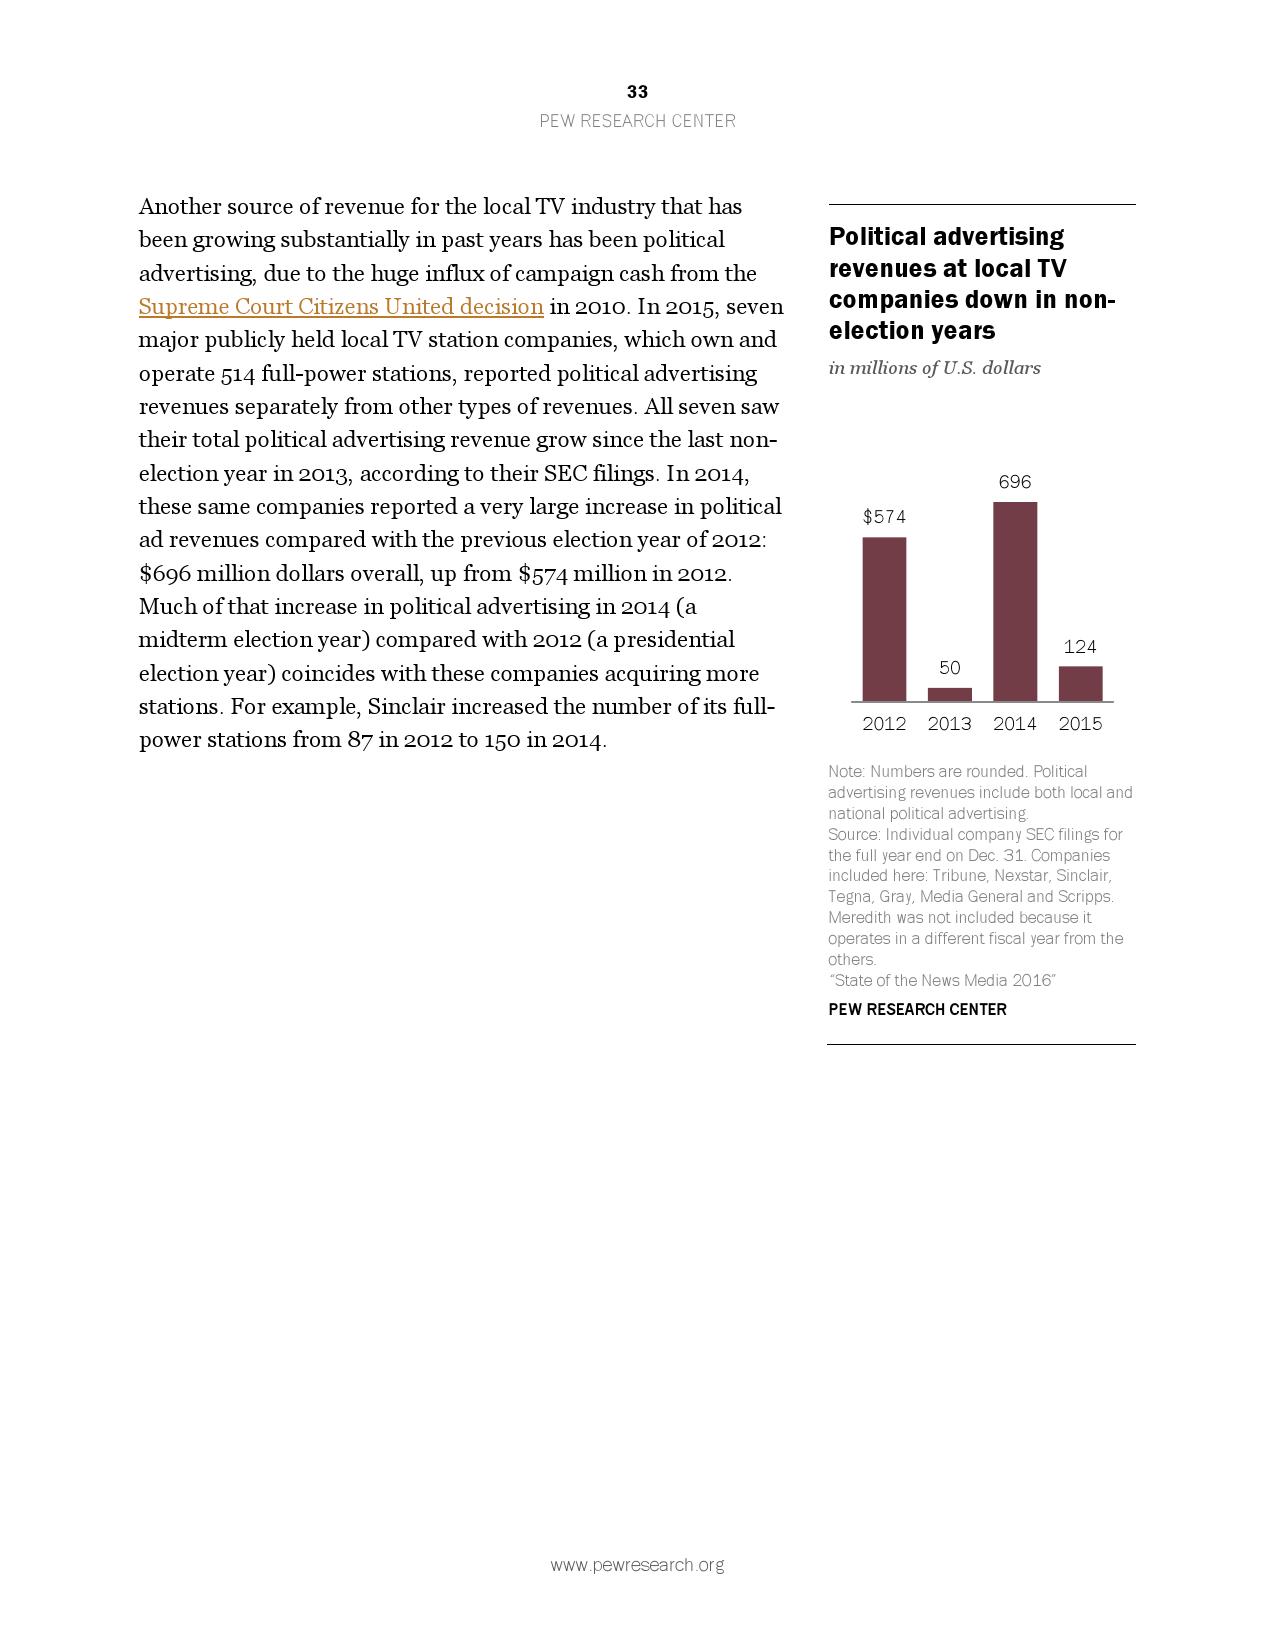 2016美国新媒体研究报告_000033